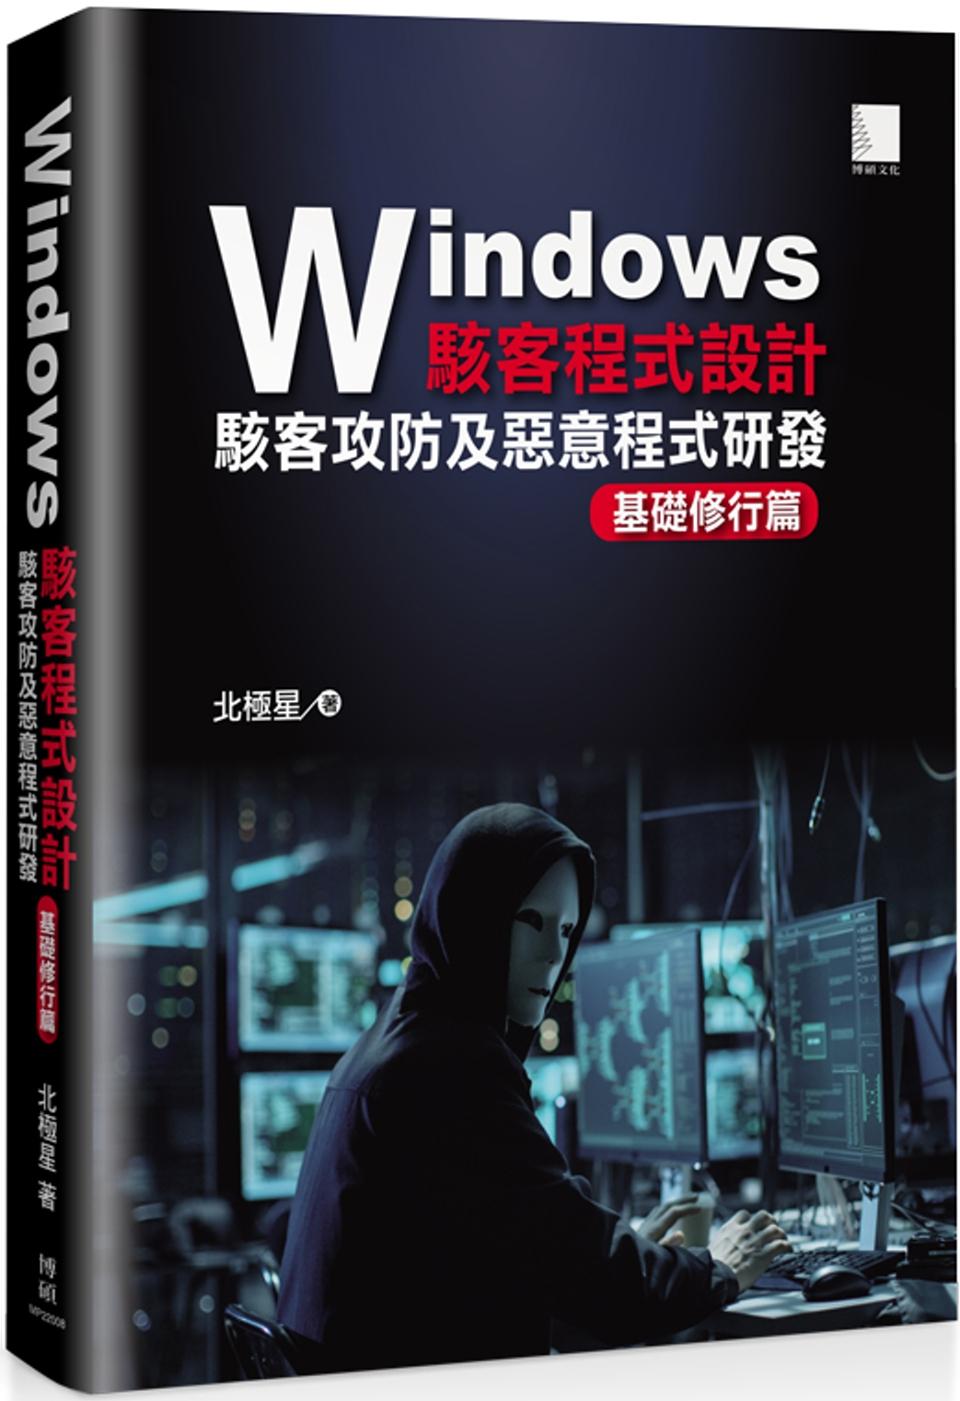 Windows駭客程式設計:駭客攻防及惡意程式研發基礎修行篇